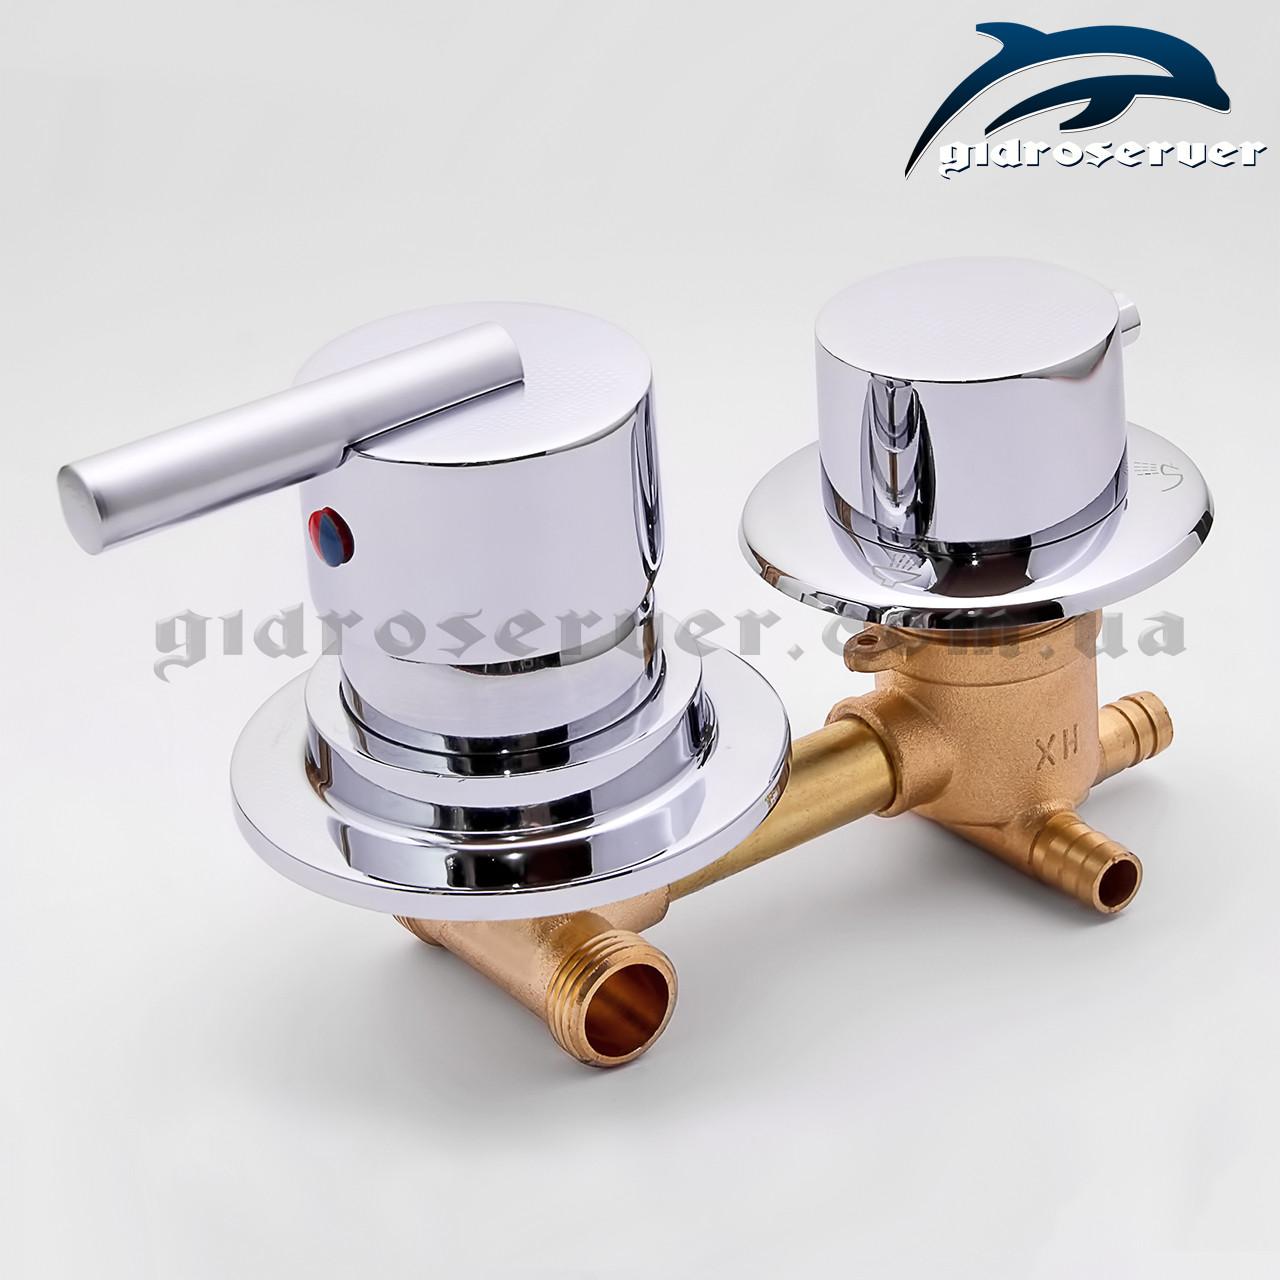 Смеситель для душевой кабины, гидробокса S3 - 90 на 3 положения.